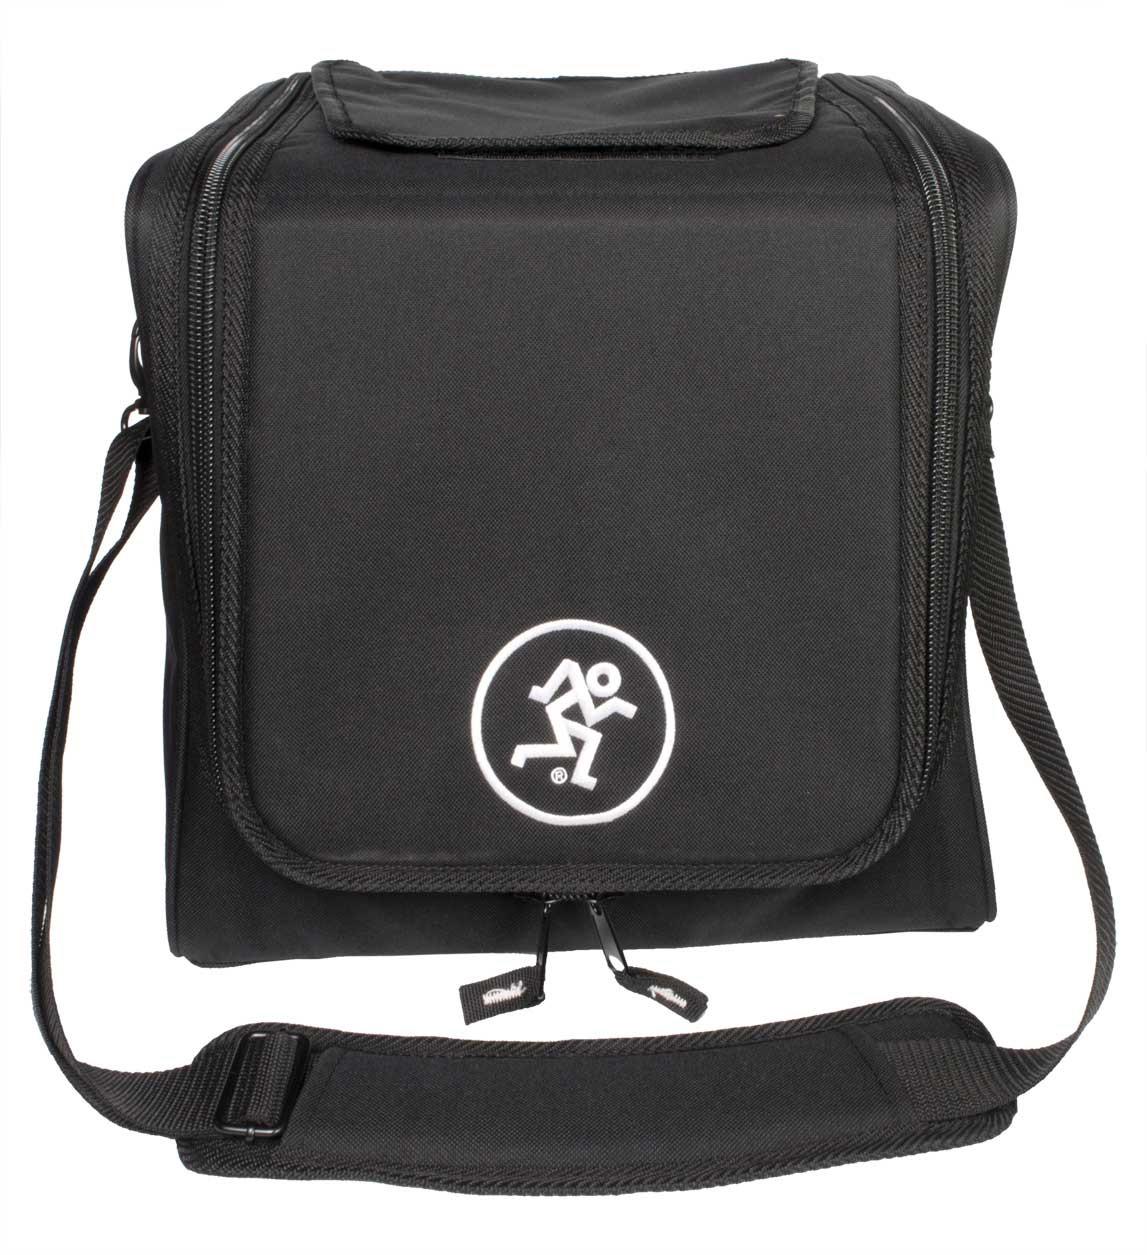 Mackie DLM8-BAG Speaker Bag for DLM8 DLM8-BAG